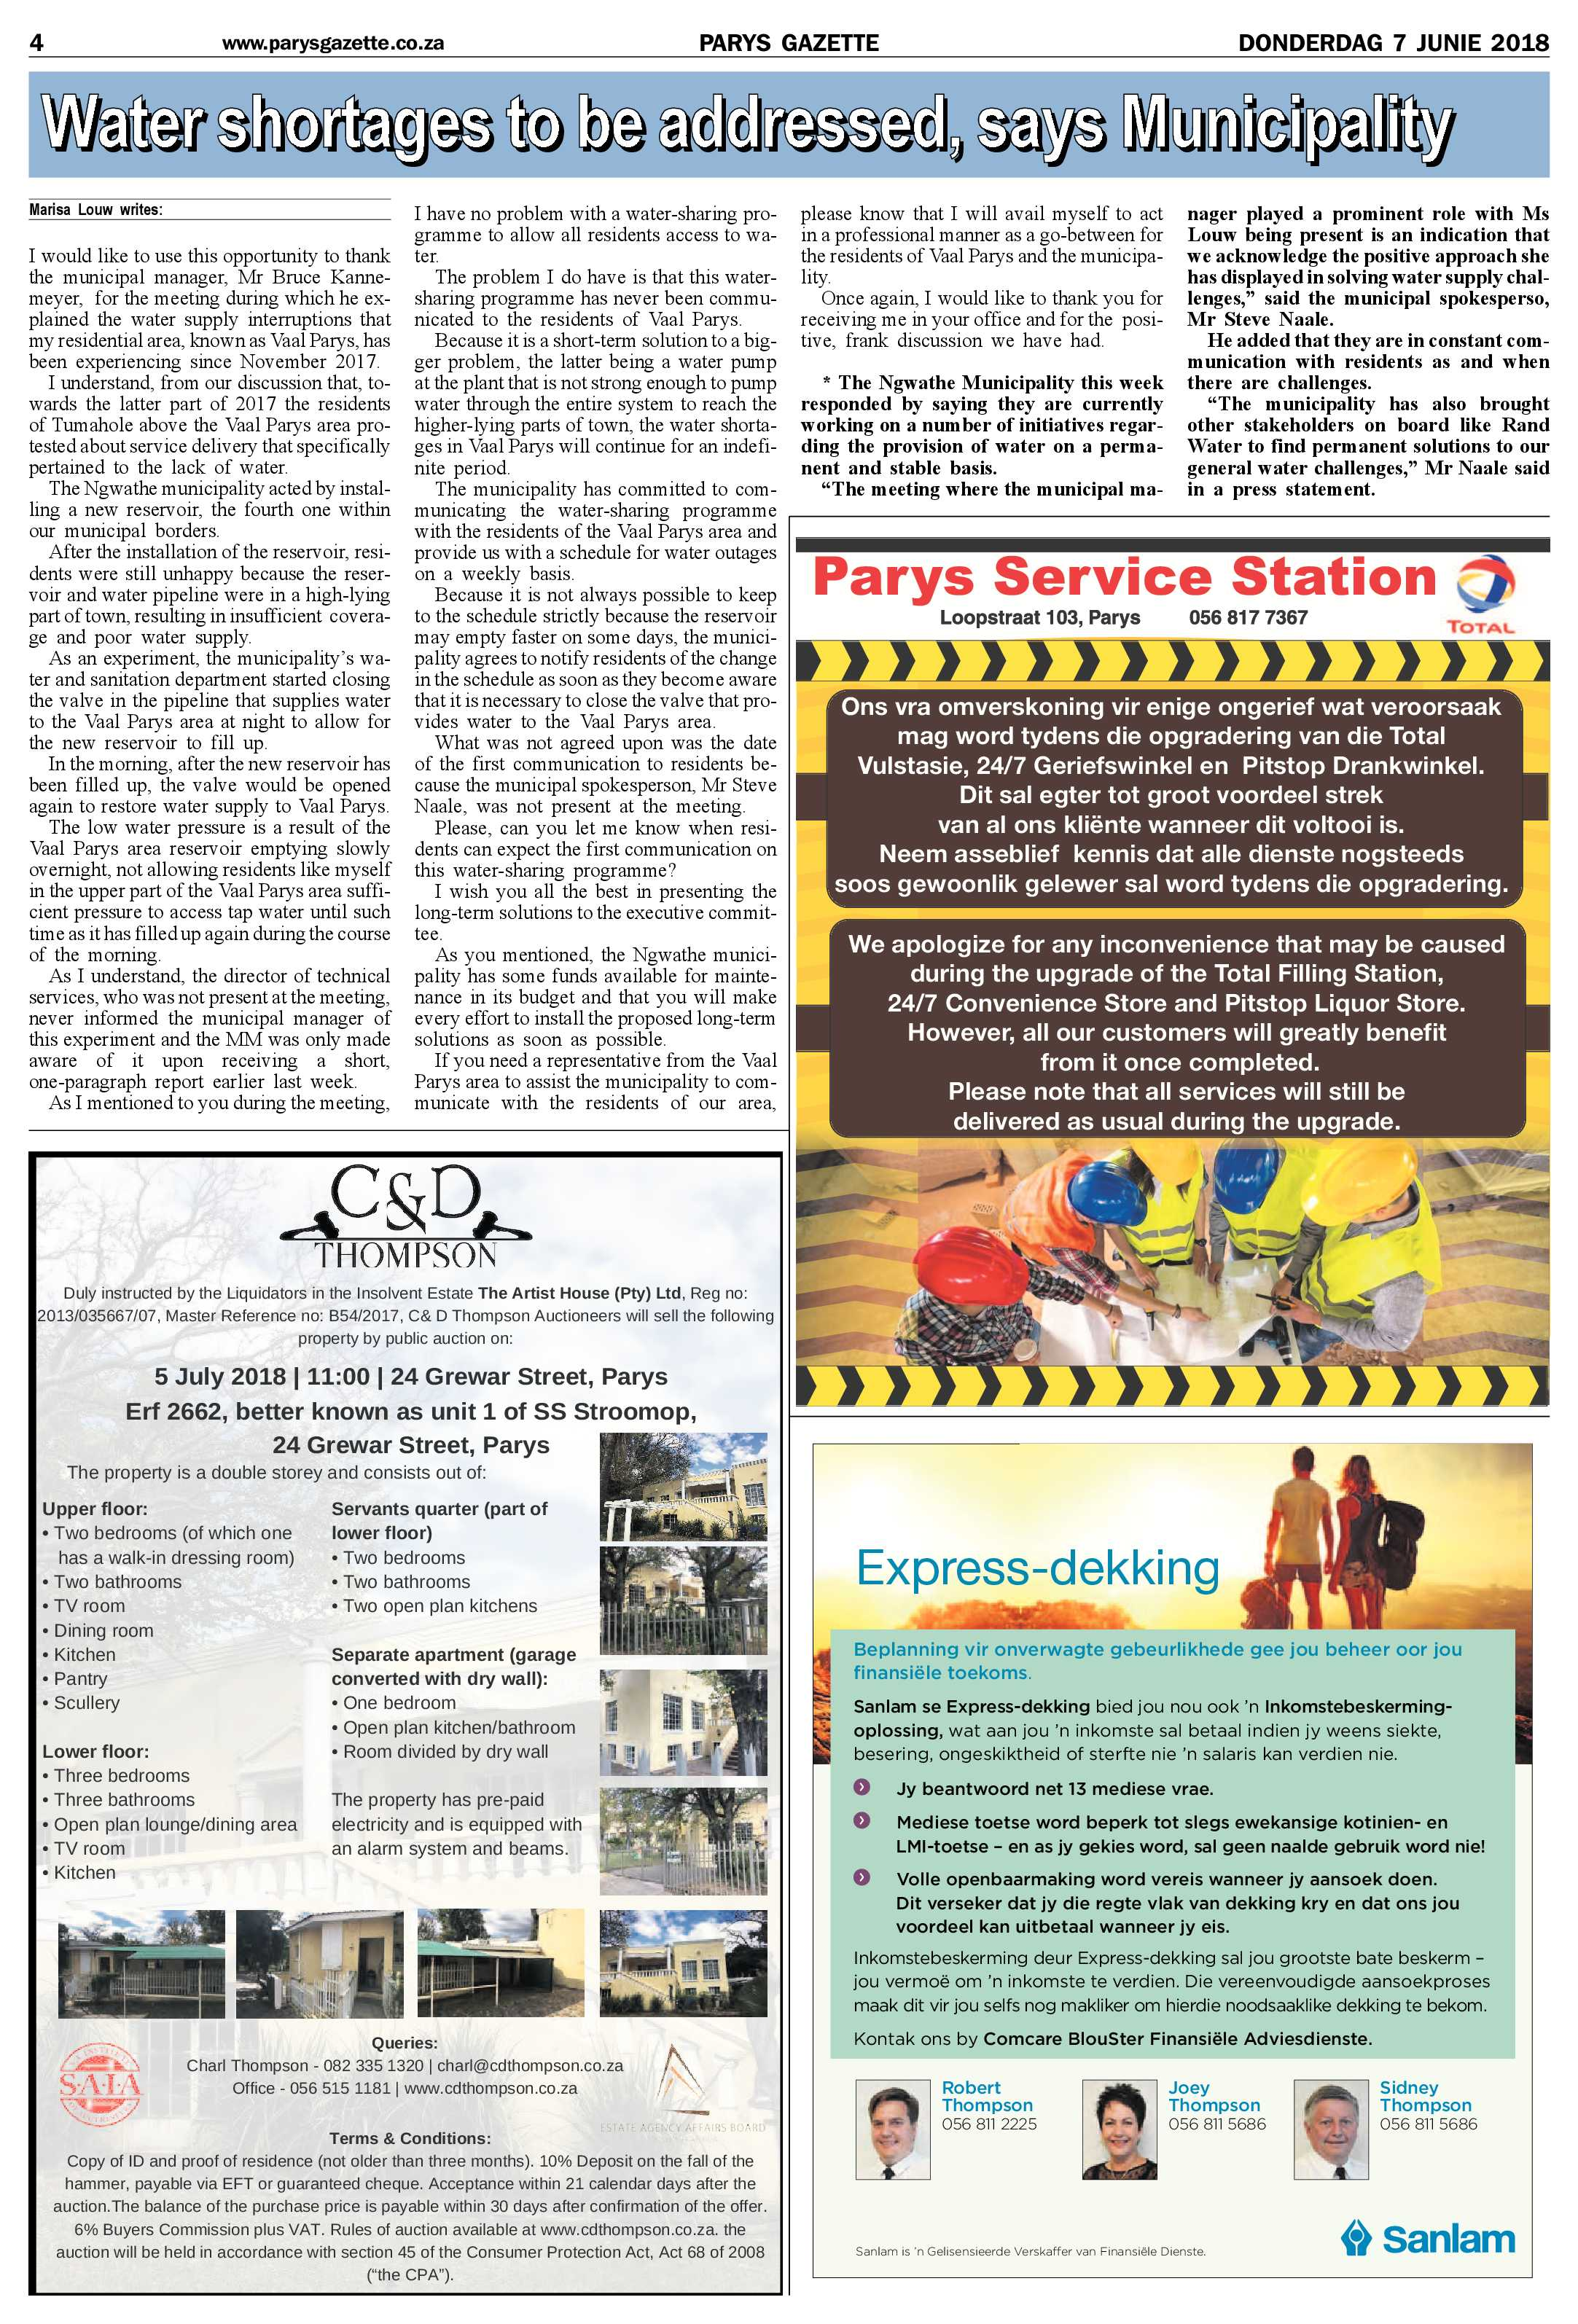 7-junie-2018-epapers-page-4